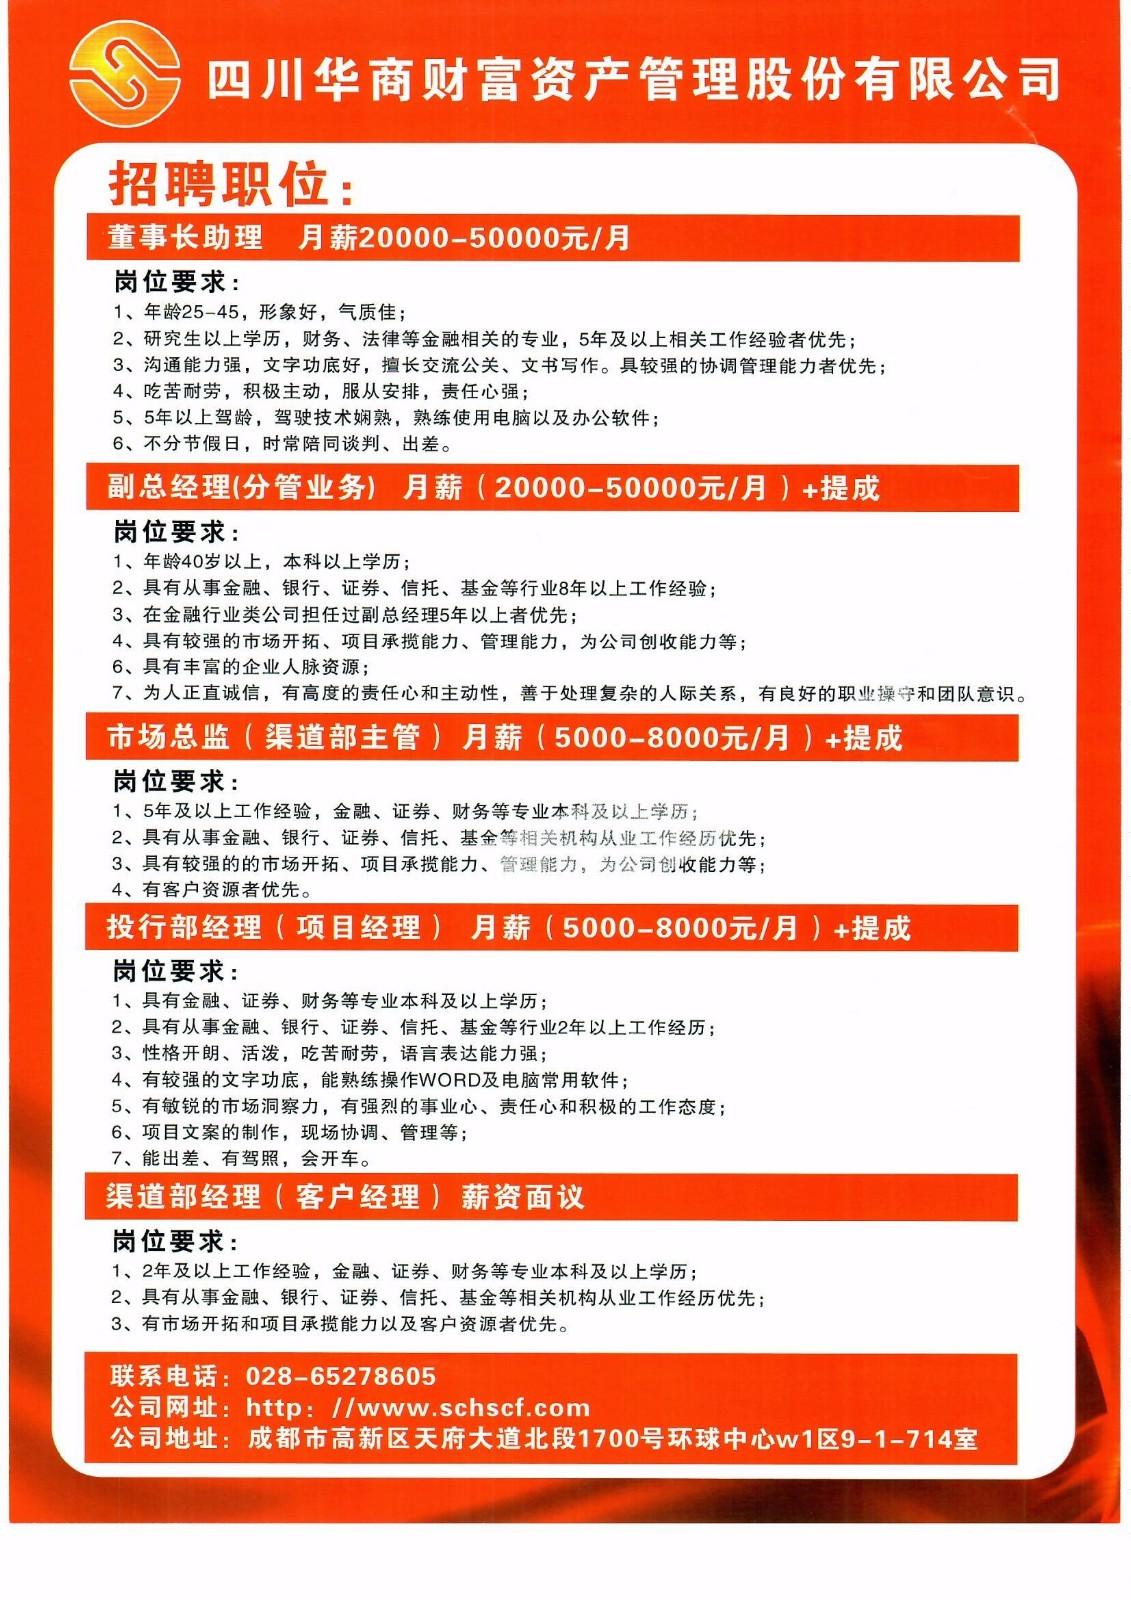 招聘|公司资讯-四川华商财富资产管理股份有限公司